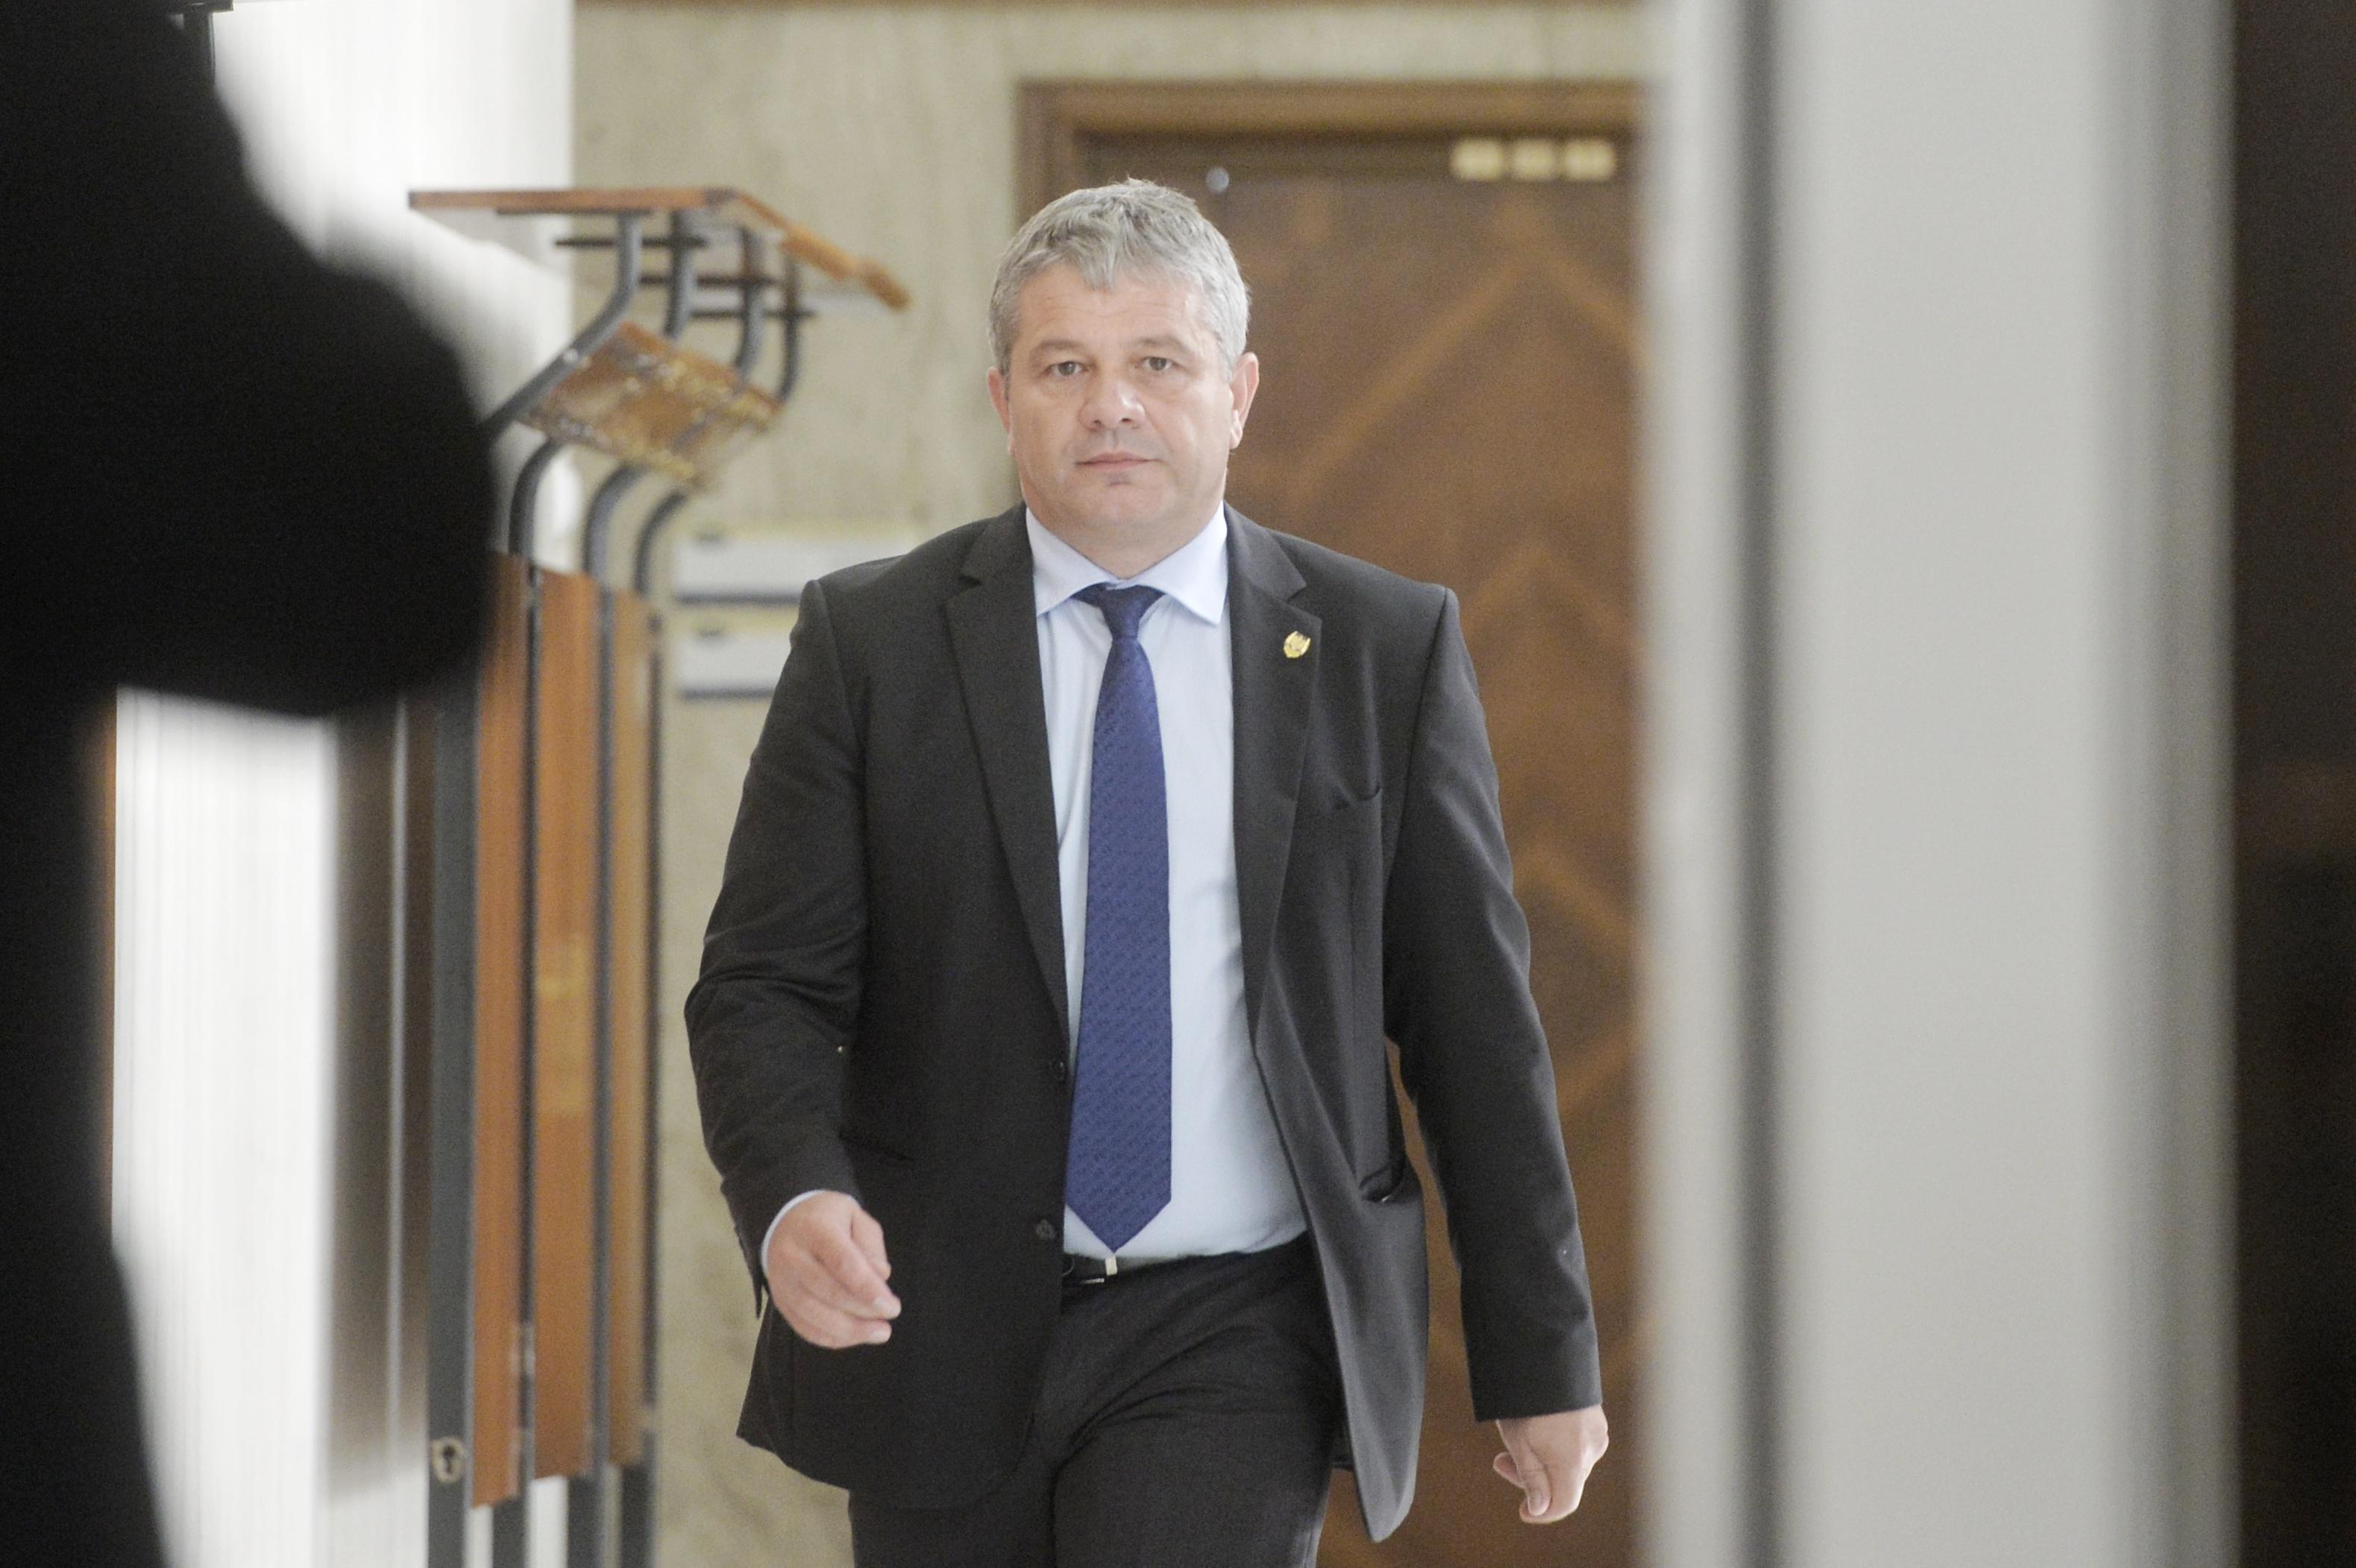 Guvern: Neîndeplinirea atribuţiilor în aprovizionarea cu medicamente ar putea duce la plângeri penale/ Tudose: Nu-l schimb pe Bodog